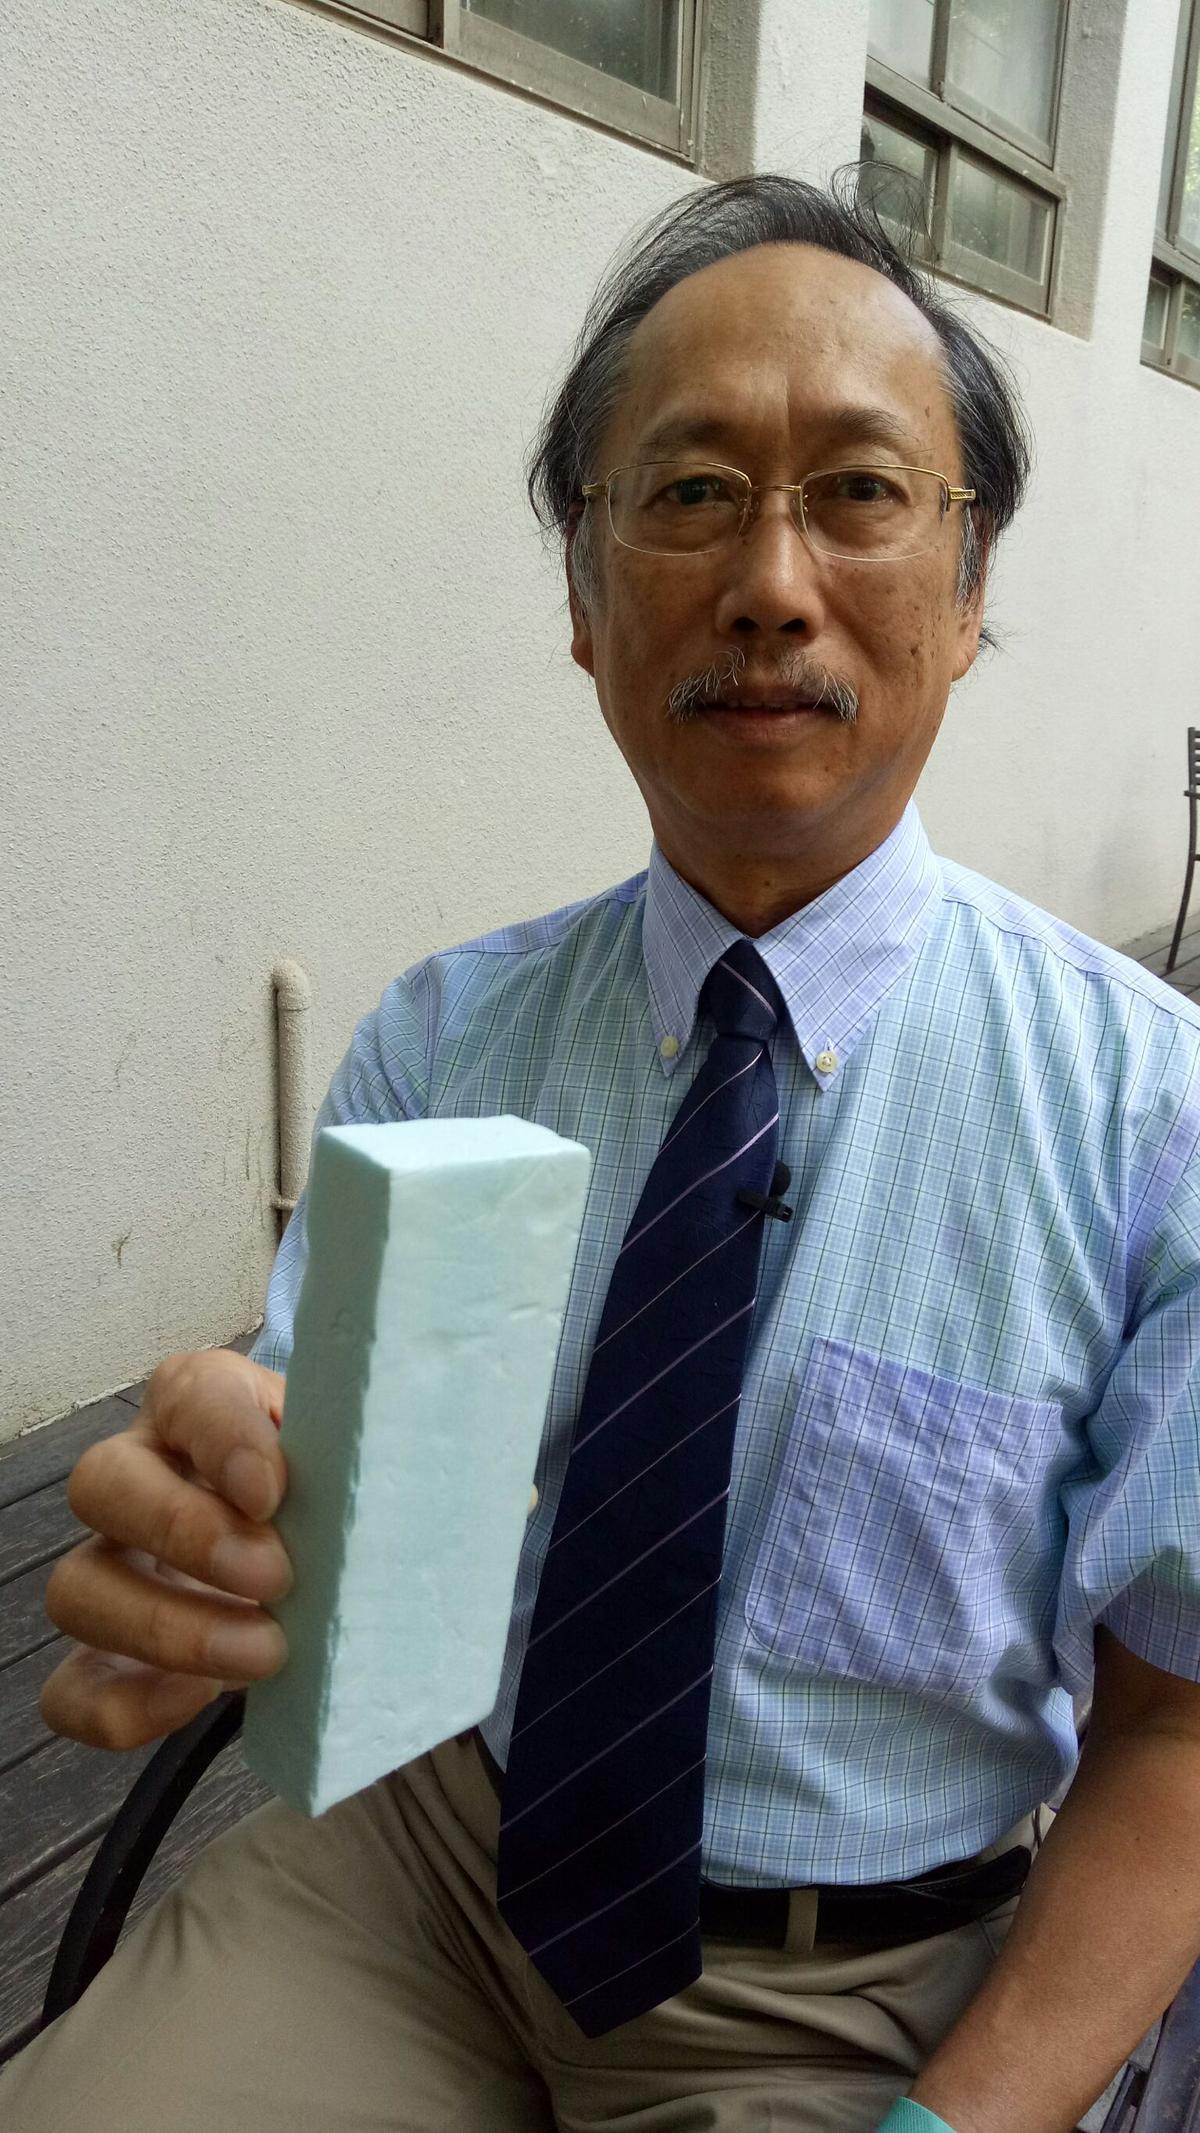 台師大化學系教授吳家誠認為聚乙烯材質具易燃性,不宜當外牆建材使用。